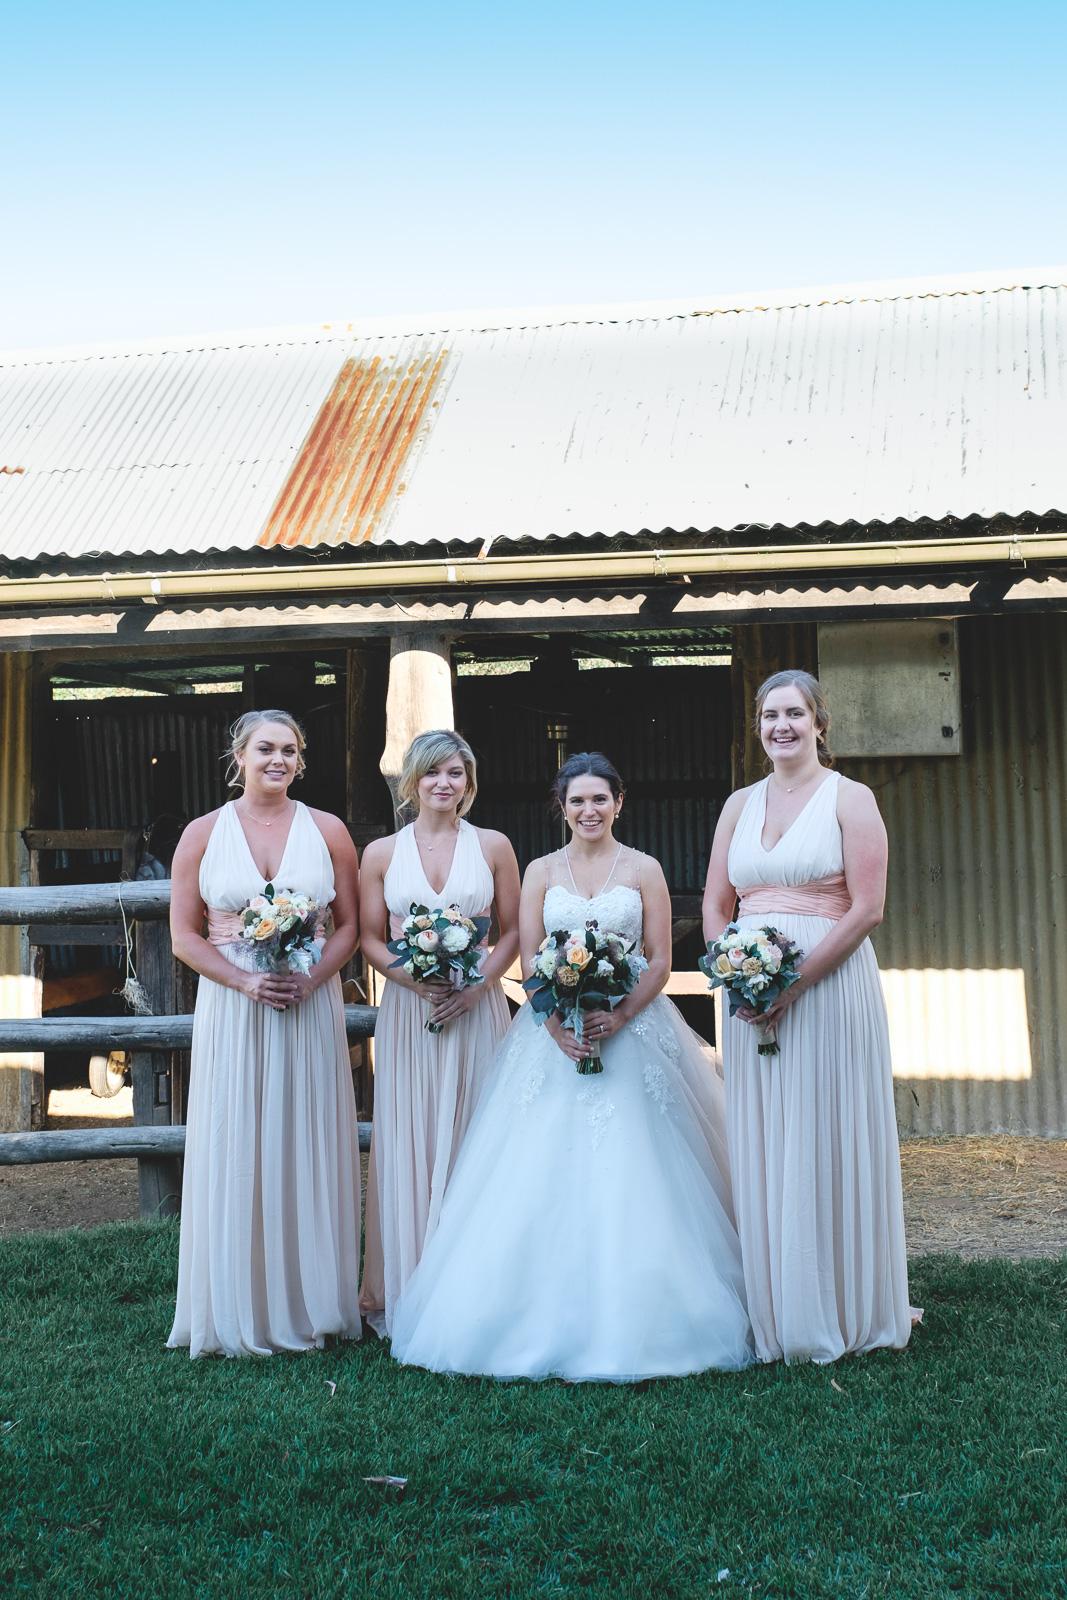 Tobruk-sheep-station-sydney-wedding (101).jpg